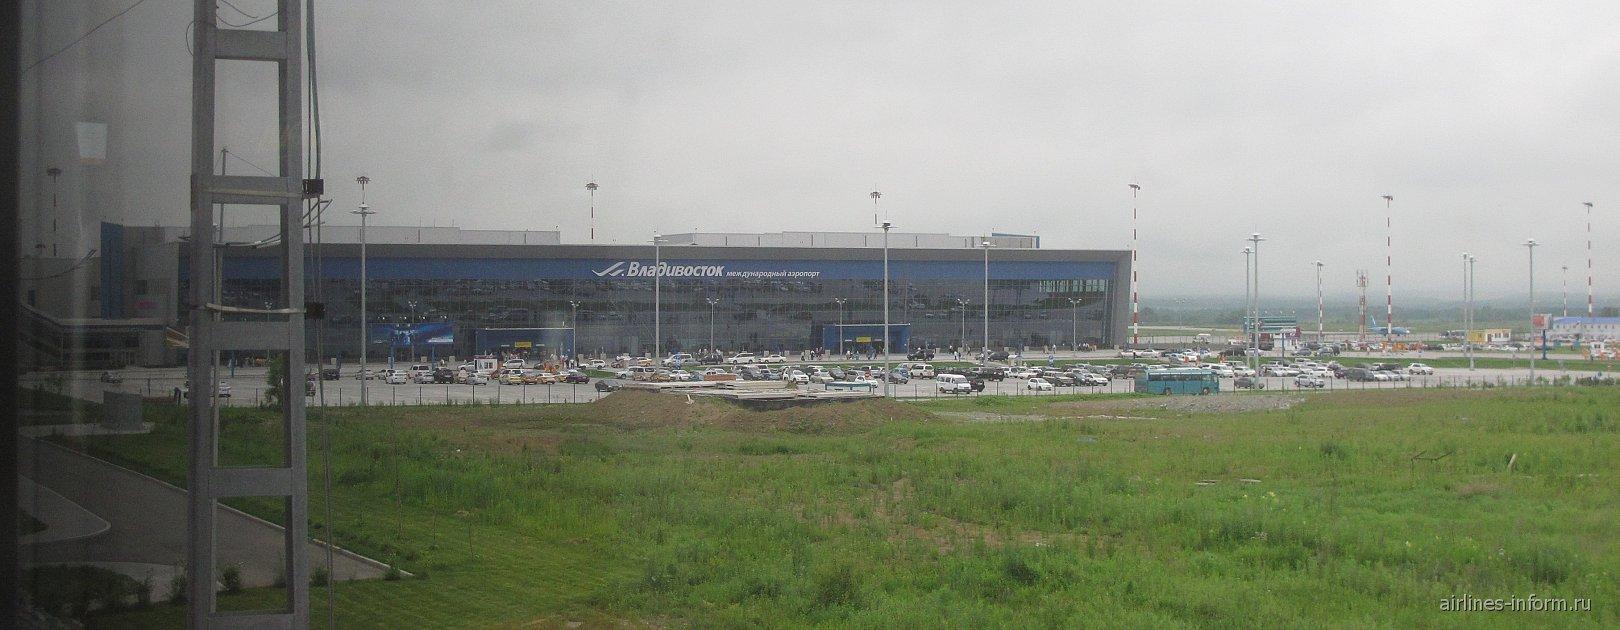 Аэропорт Владивосток Кневичи